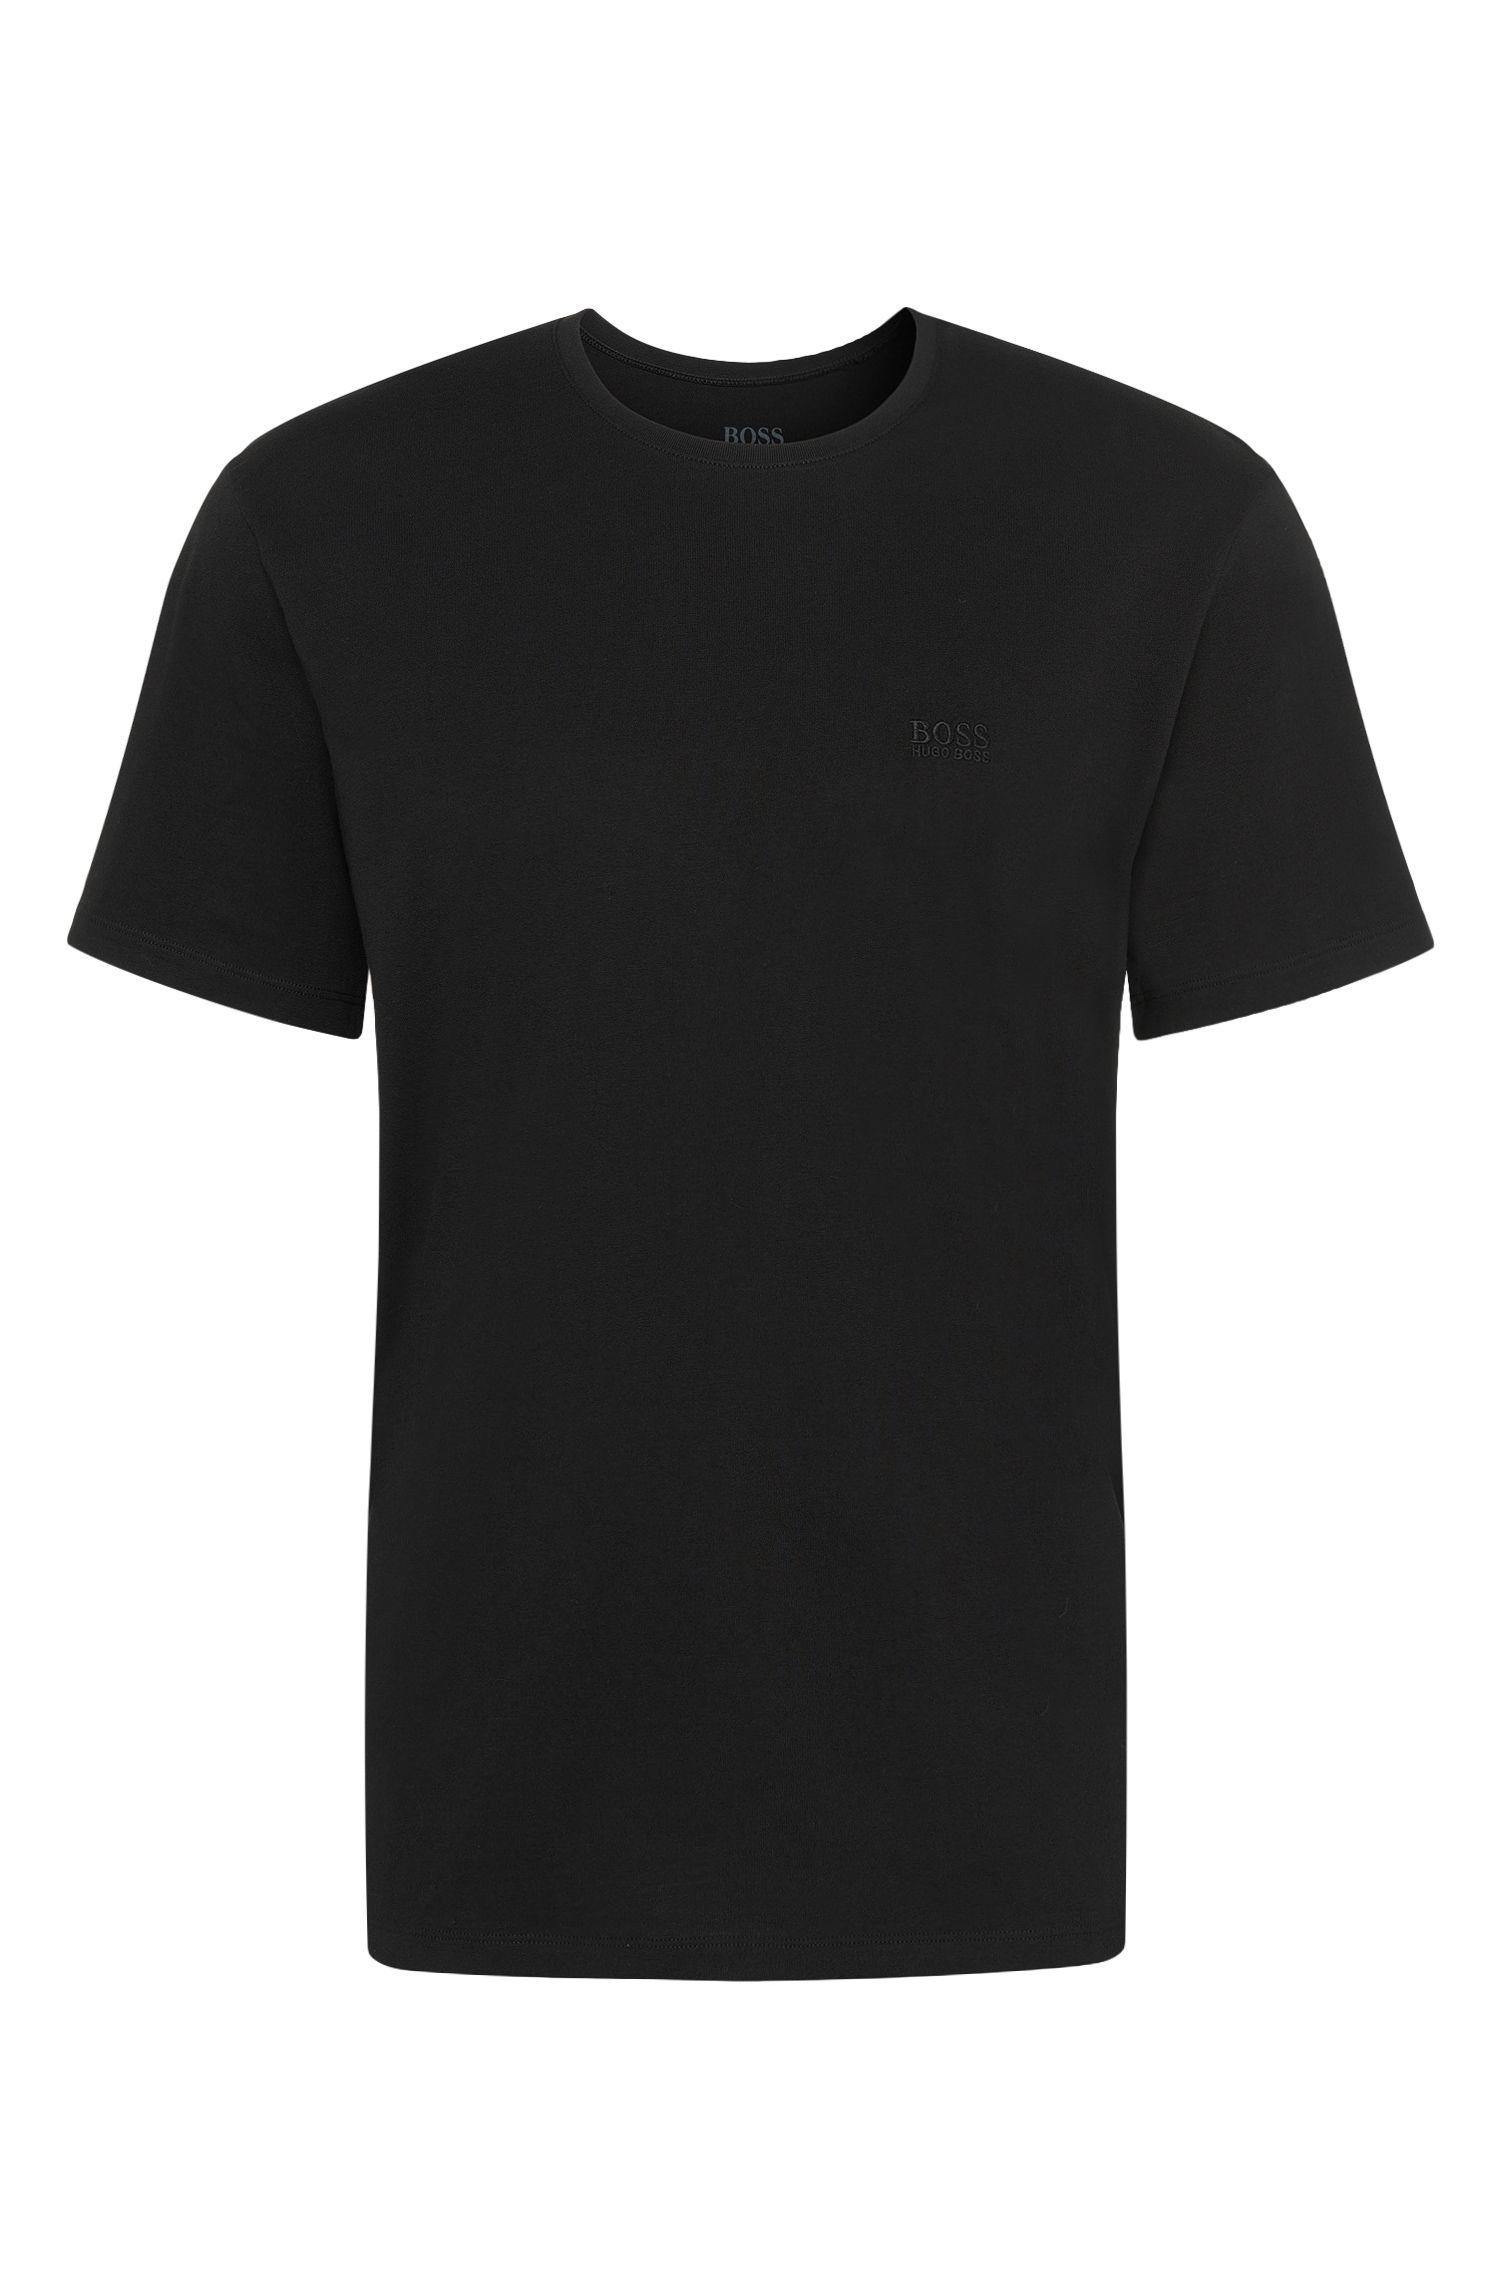 T-shirt en coton à coupe relax avec encolure ras-du-cou